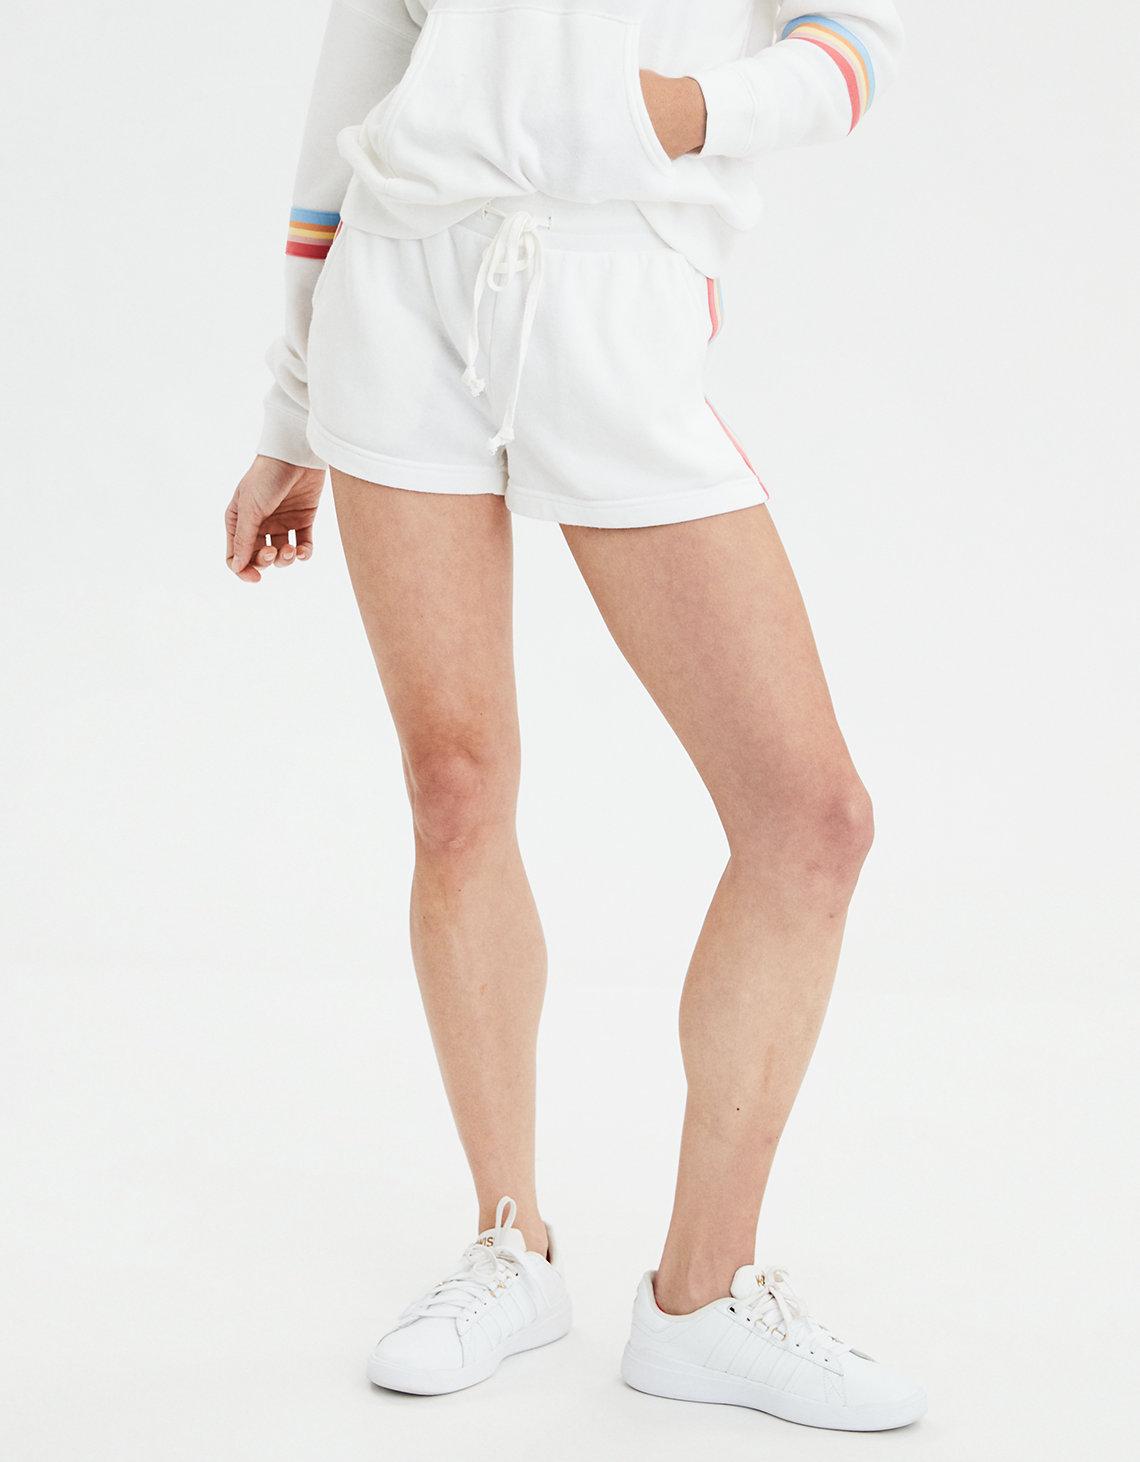 aee90bbe134b AE High-Waisted Rainbow Trim Fleece Short